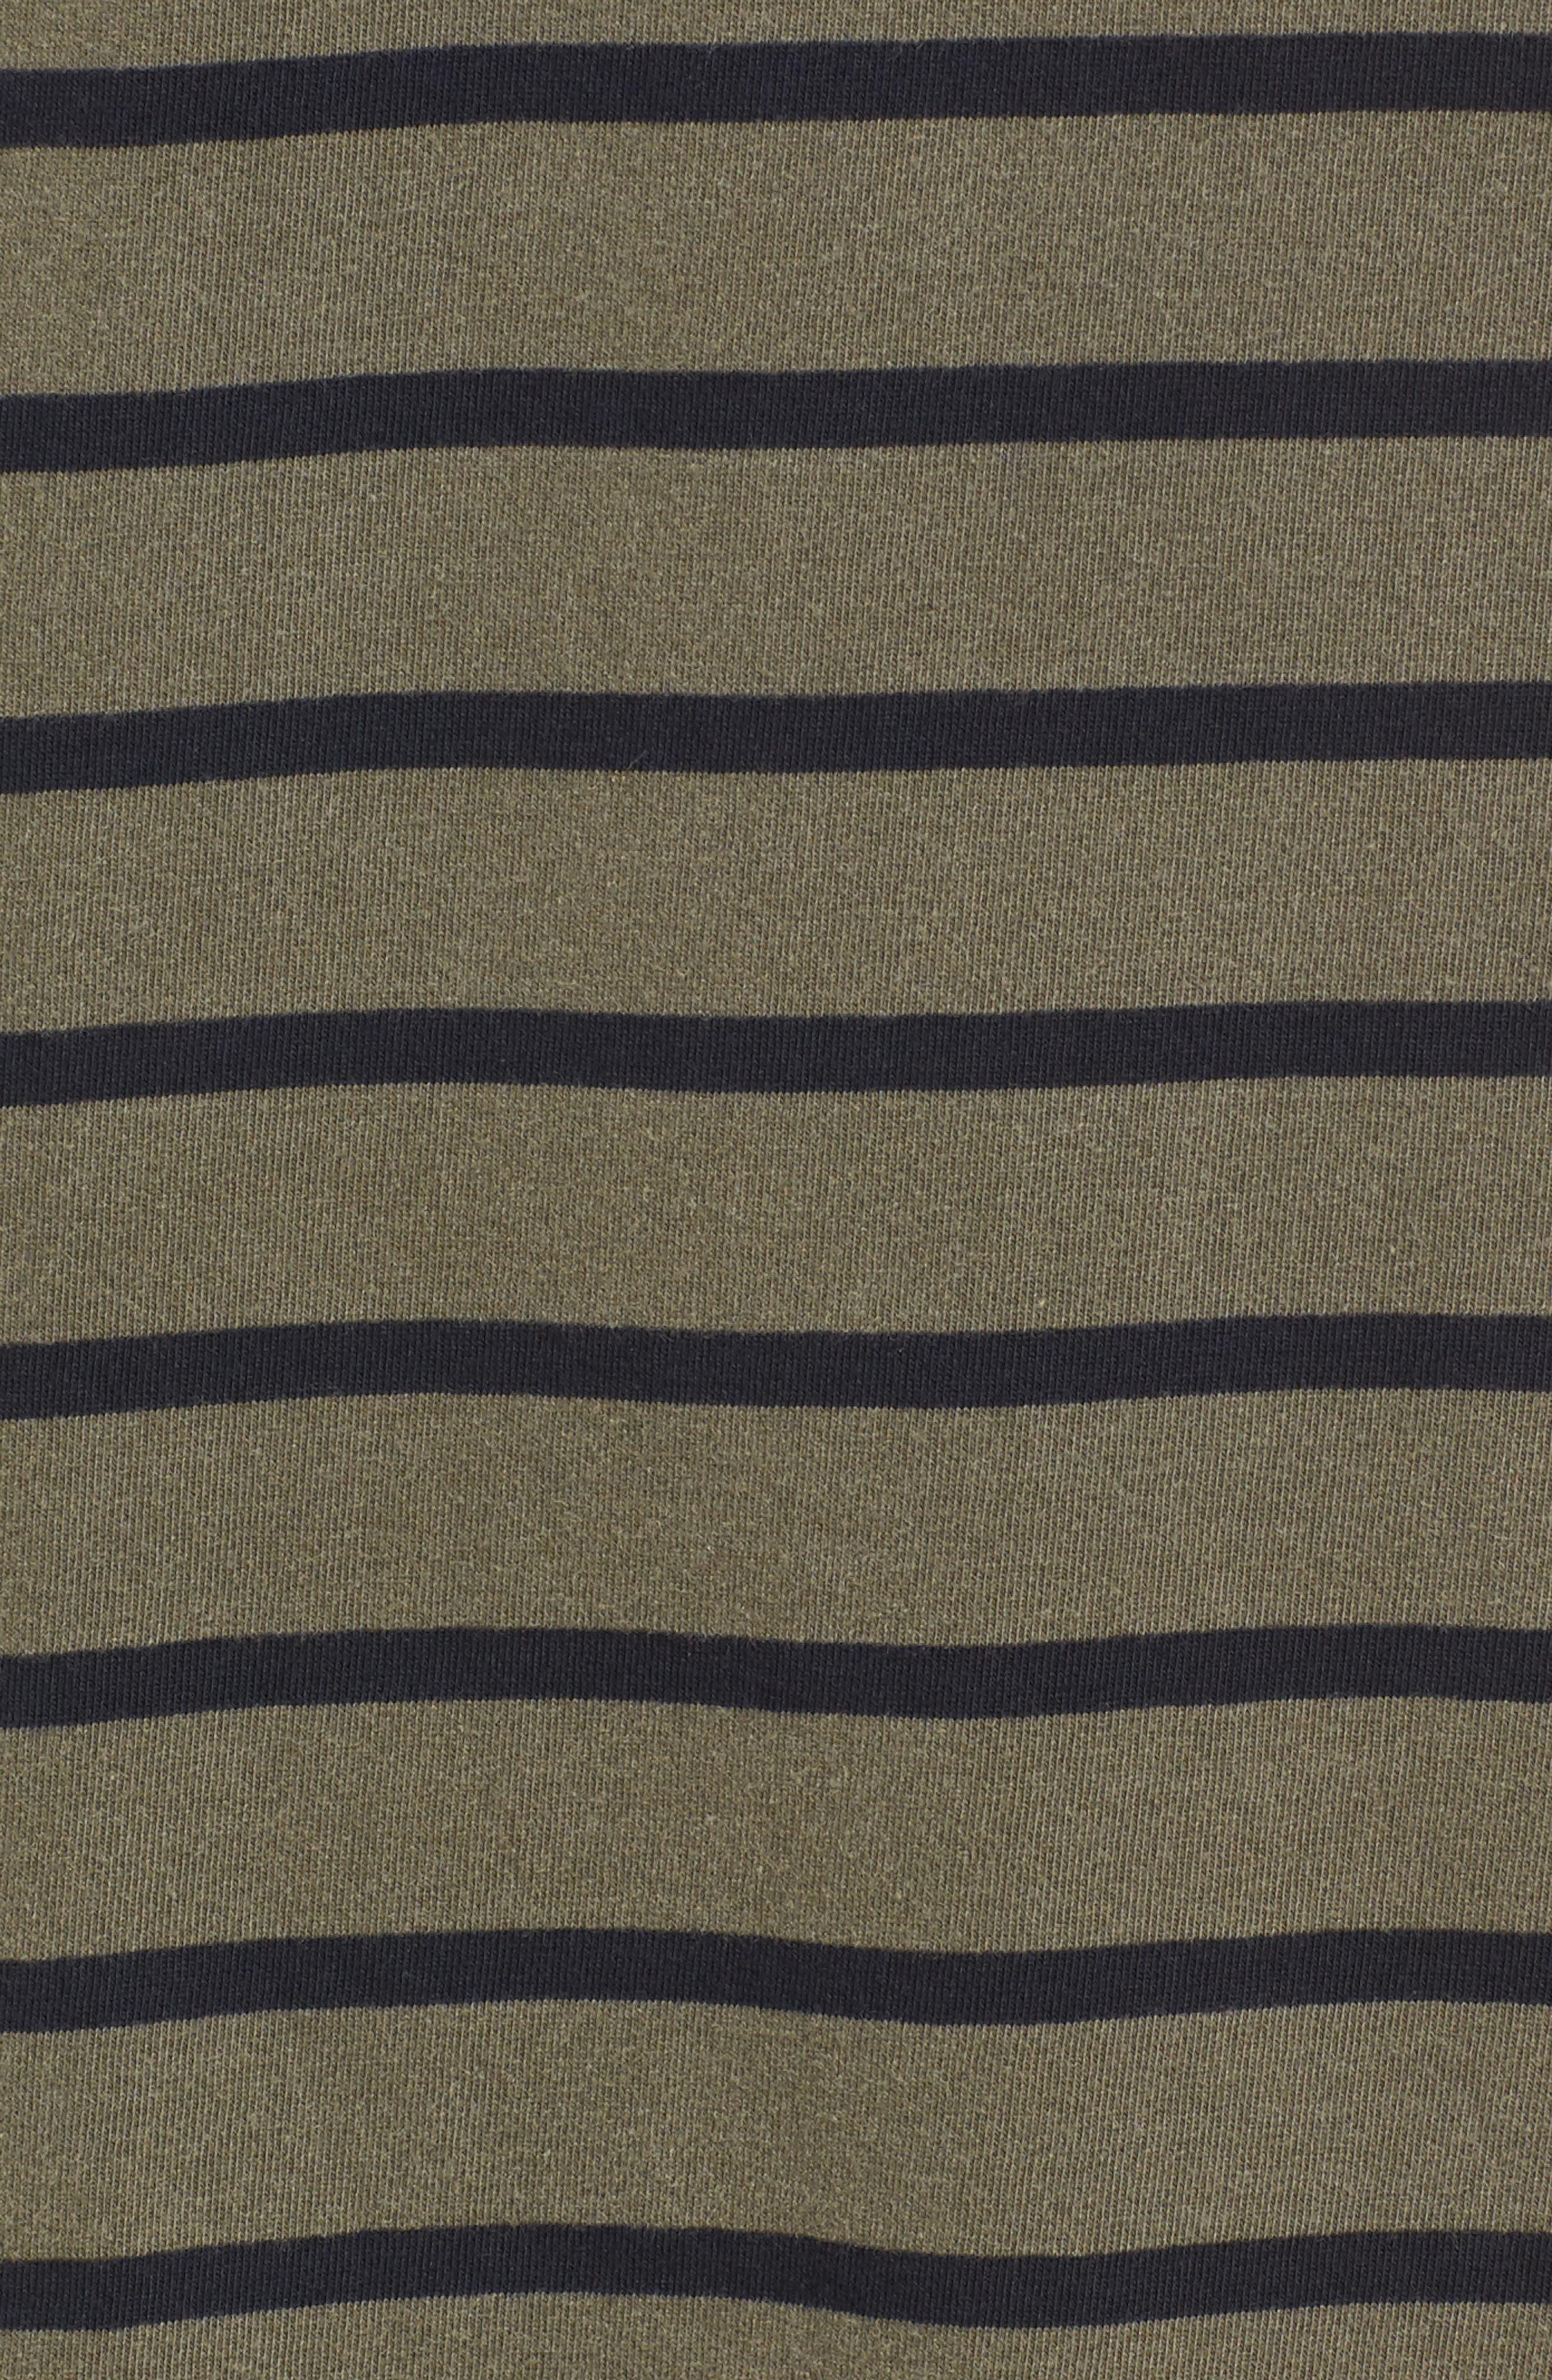 Stripe T-Shirt Dress,                             Alternate thumbnail 5, color,                             300